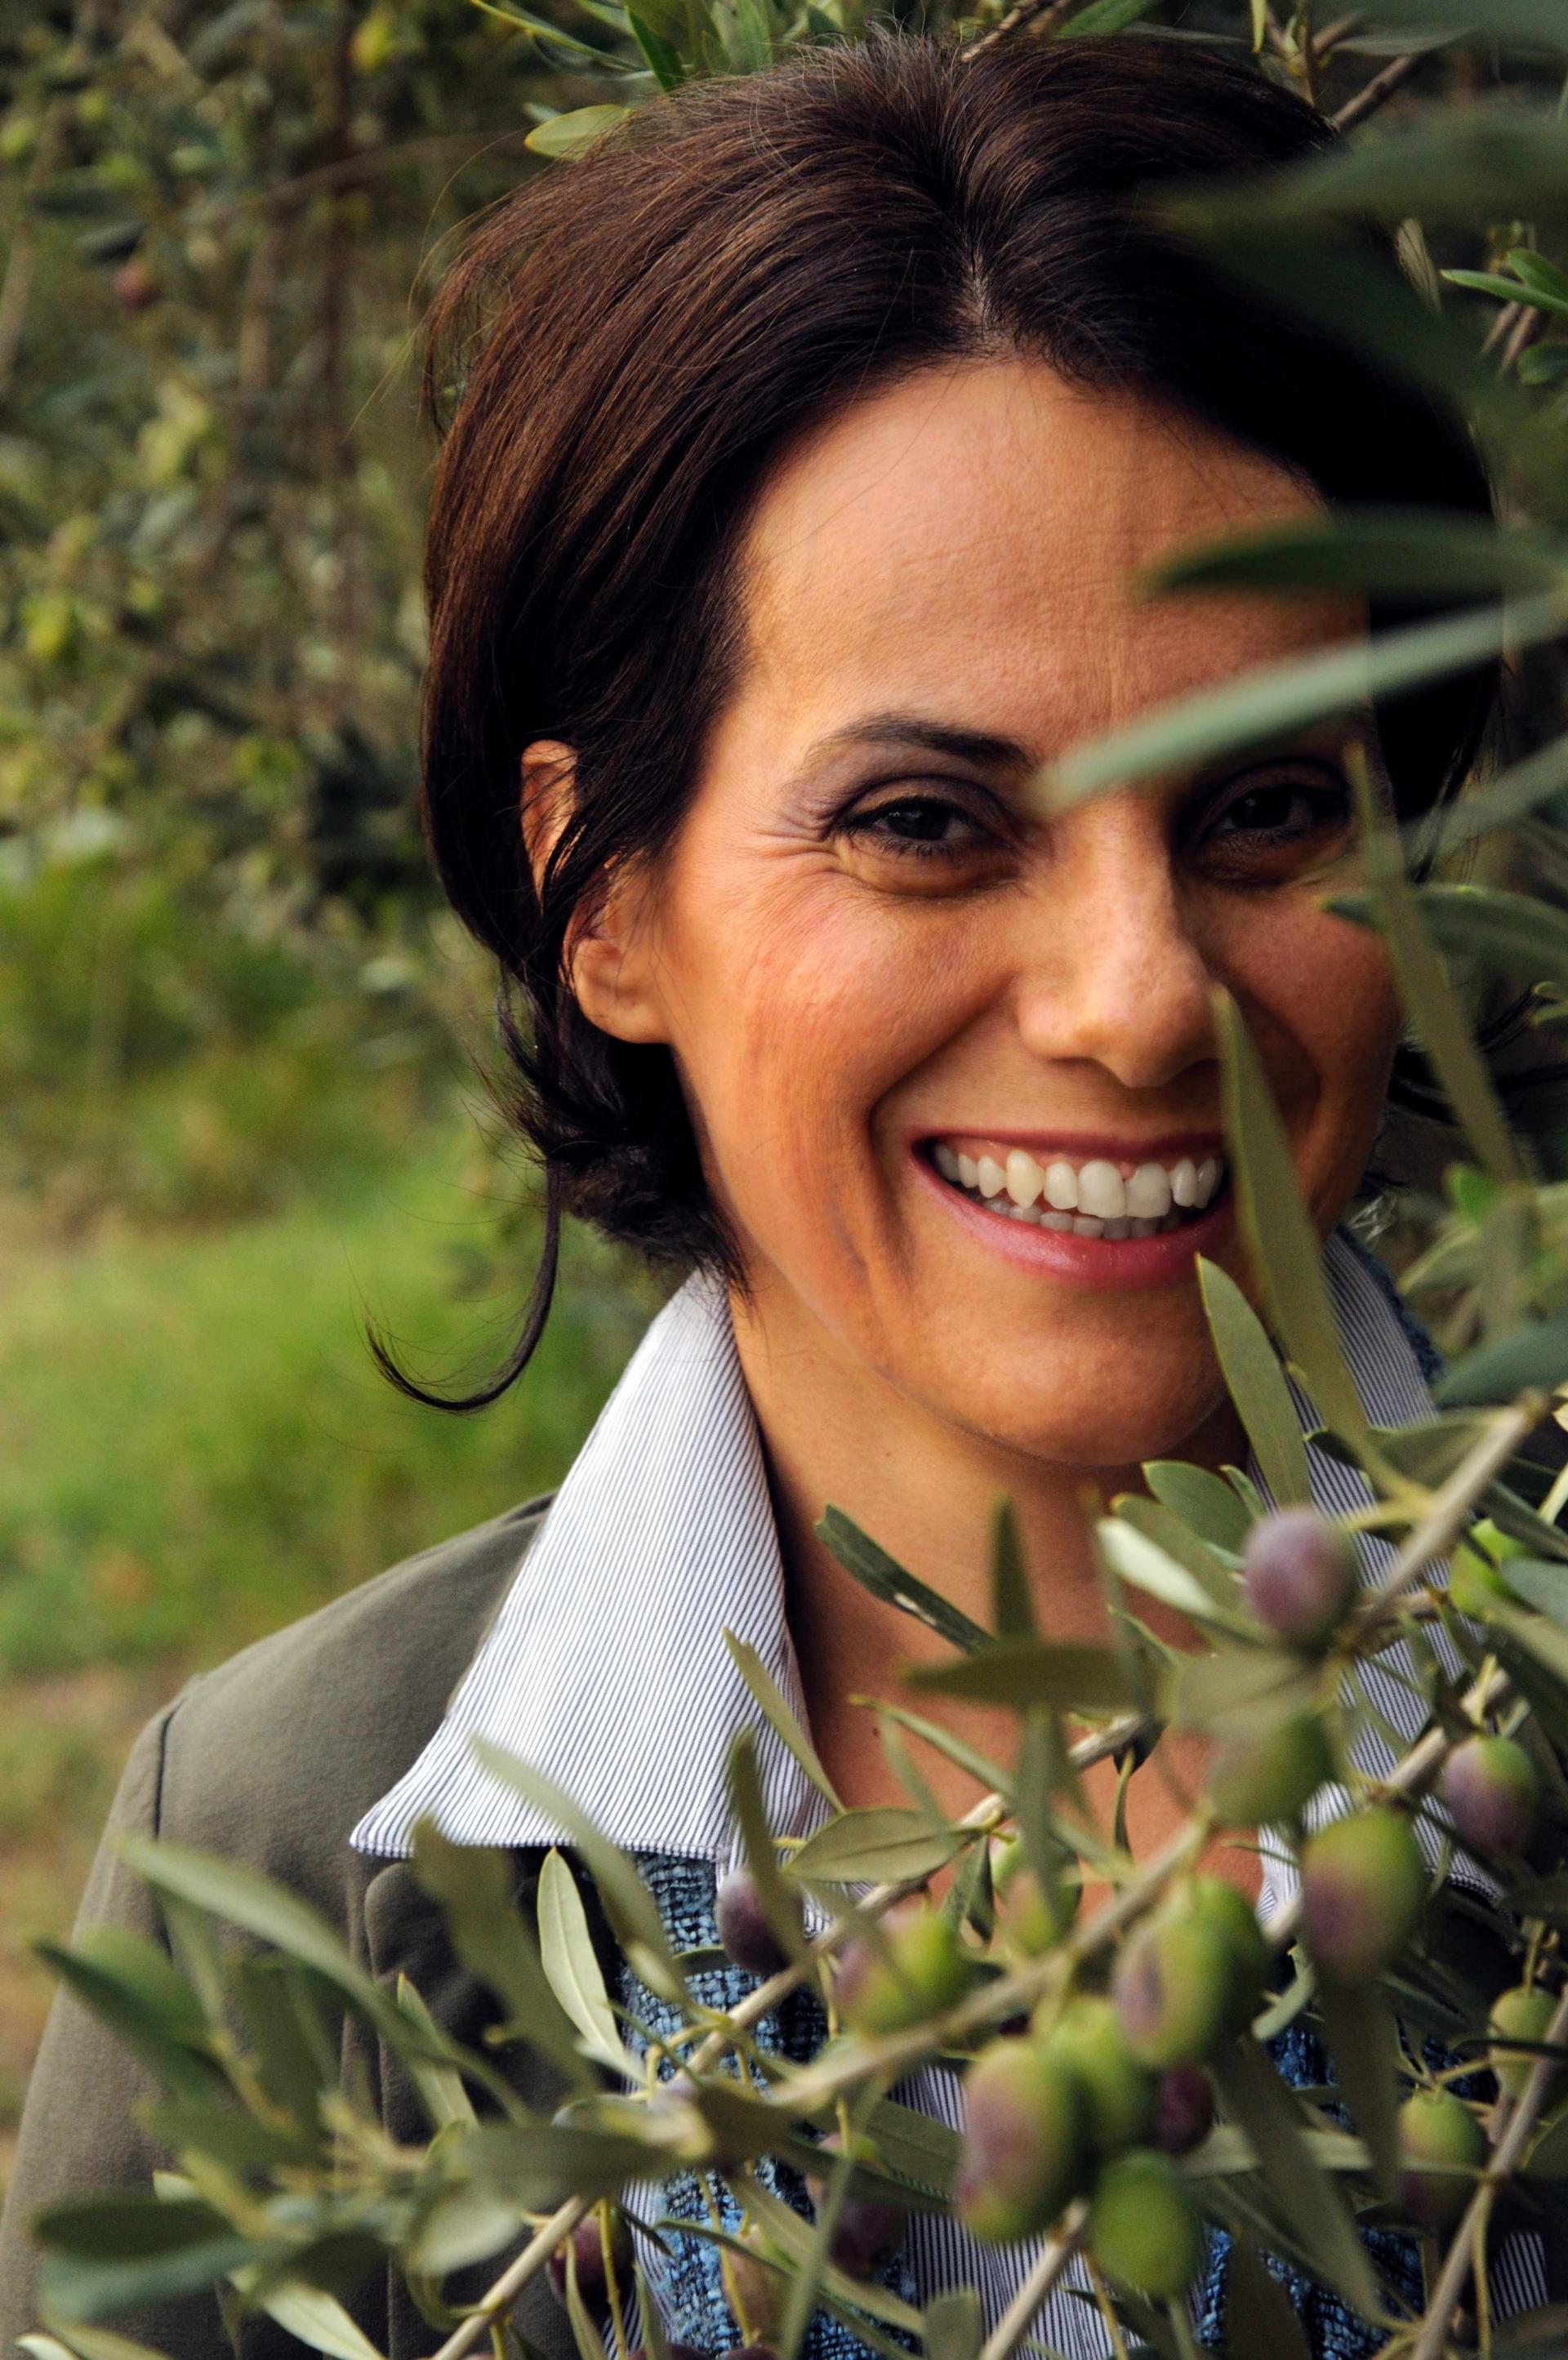 Alessandra Paolini